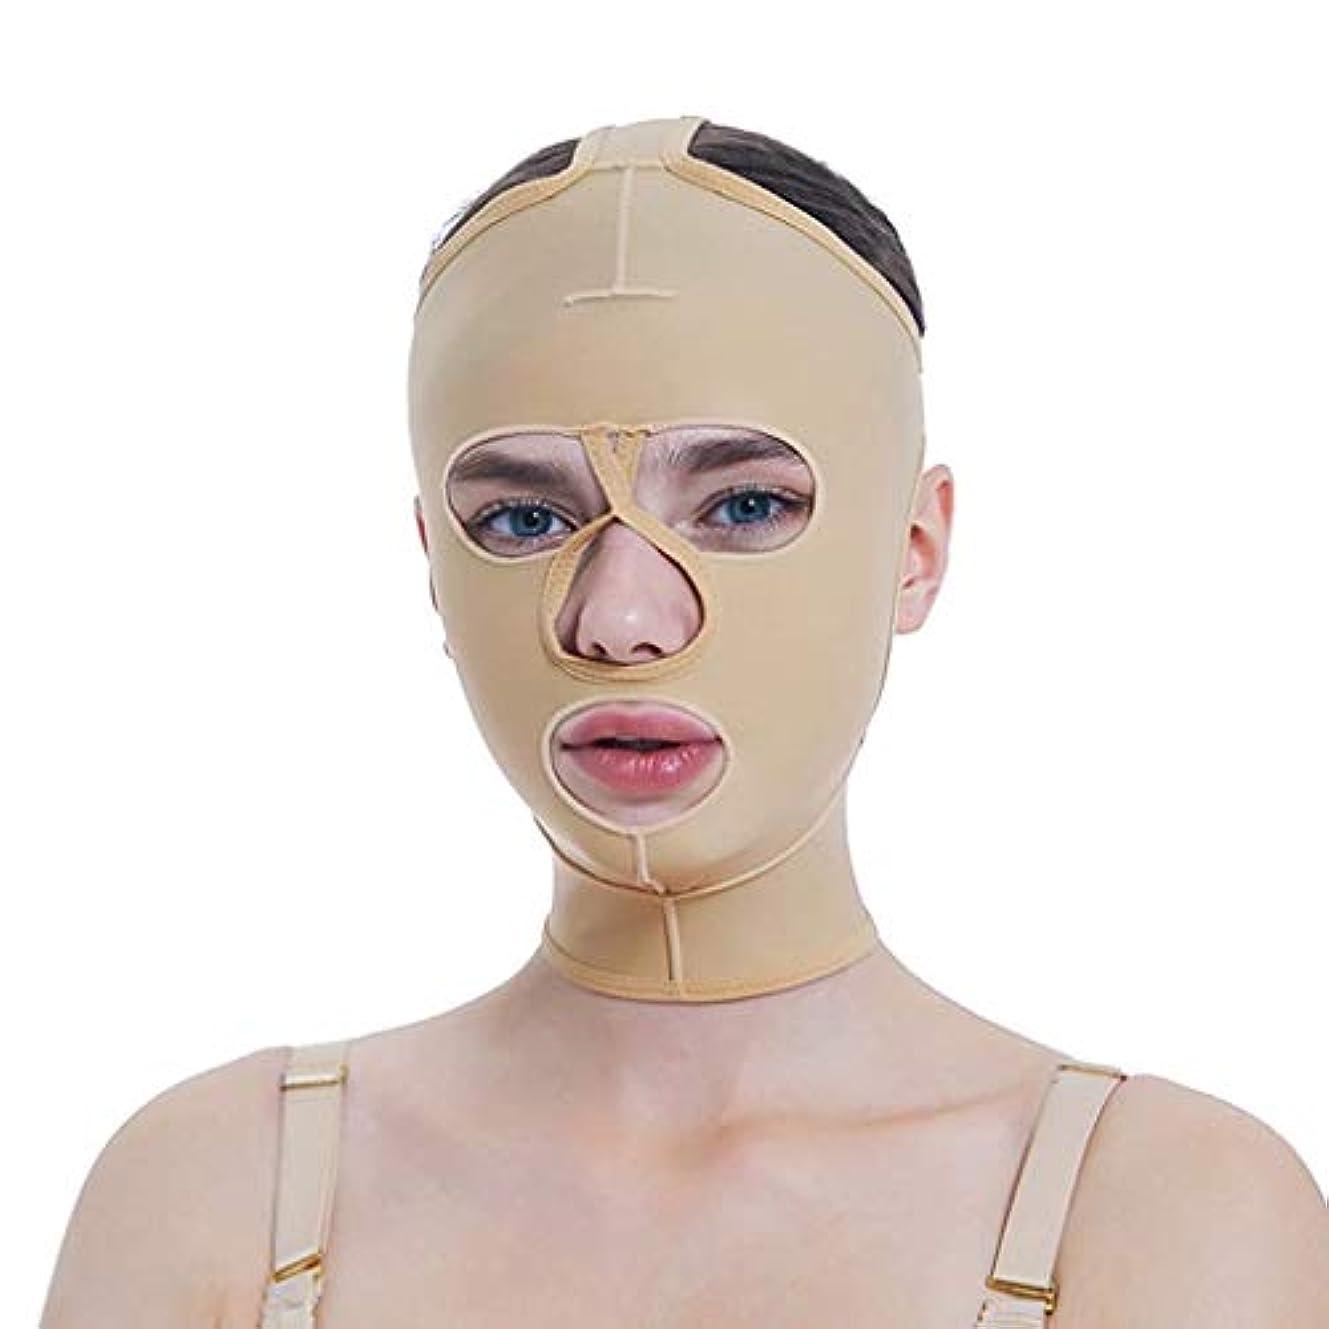 放牧するエミュレートする同意する脂肪吸引術用成形マスク、薄手かつらVフェイスビームフェイス弾性スリーブマルチサイズオプション(サイズ:M)